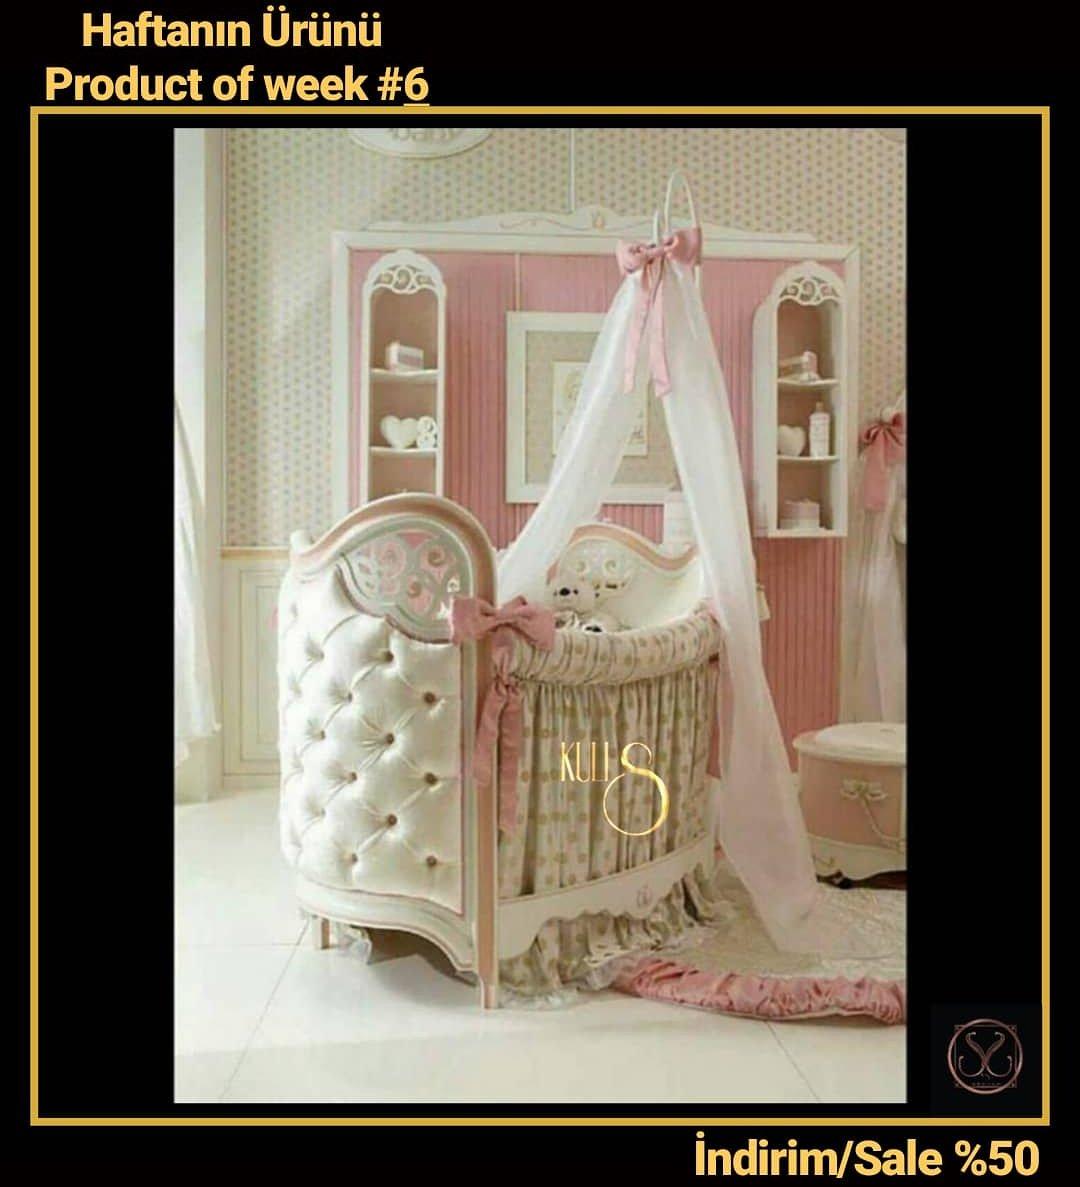 Günaydın.. 🌸🌸🎈#mobilya #dekorasyon #decoration #furniture #yatakodasi #besik #kampanya #baby #luxury #kuliscomtr